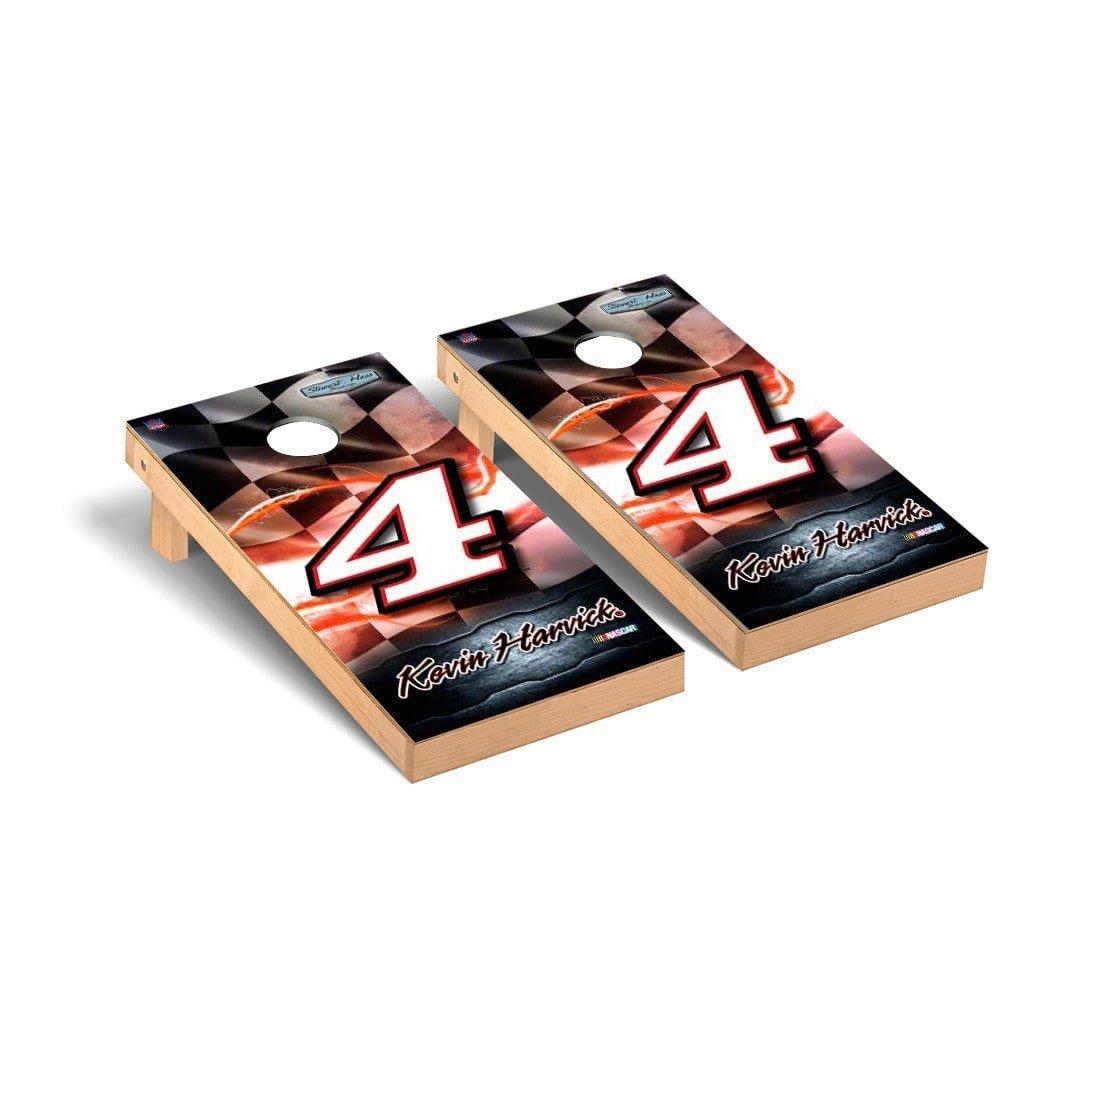 超歓迎された NASCAR Kevin Harvick # 4デスクトップCornhole B0752WTQQX Game Set Racing Flagバージョン # Harvick B0752WTQQX, 宮原町:1f9a4ced --- arianechie.dominiotemporario.com